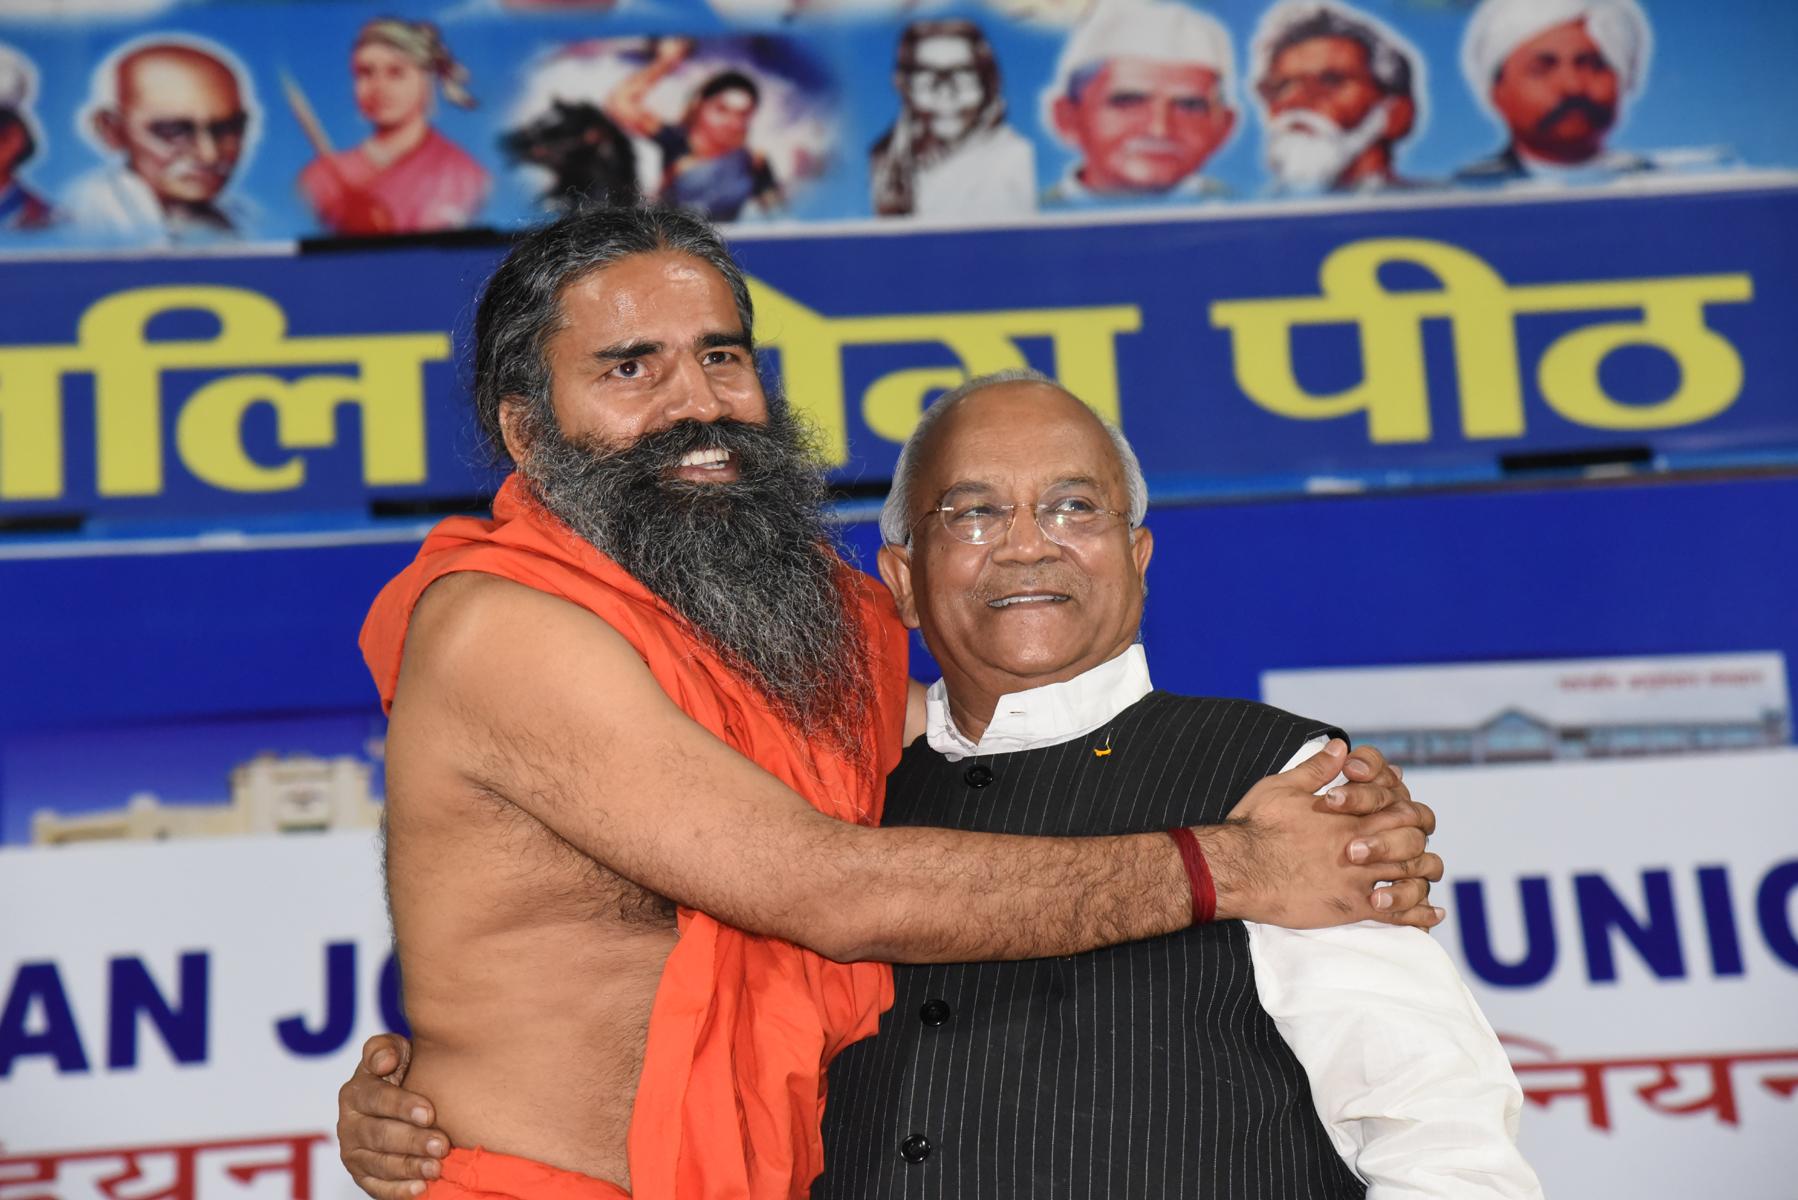 हरिद्वार में 'इंडियन जर्नलिस्टस यूनियन' के वार्षिक अधिवेशन का उदघाटन करते हुए डॉ. वेदप्रताप वैदिक और स्वामी रामदेव